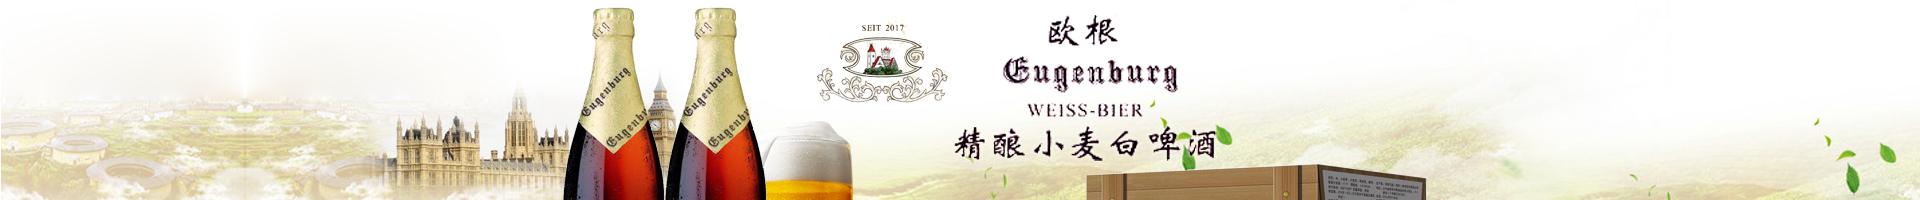 北京春雨白泽商贸有限公司